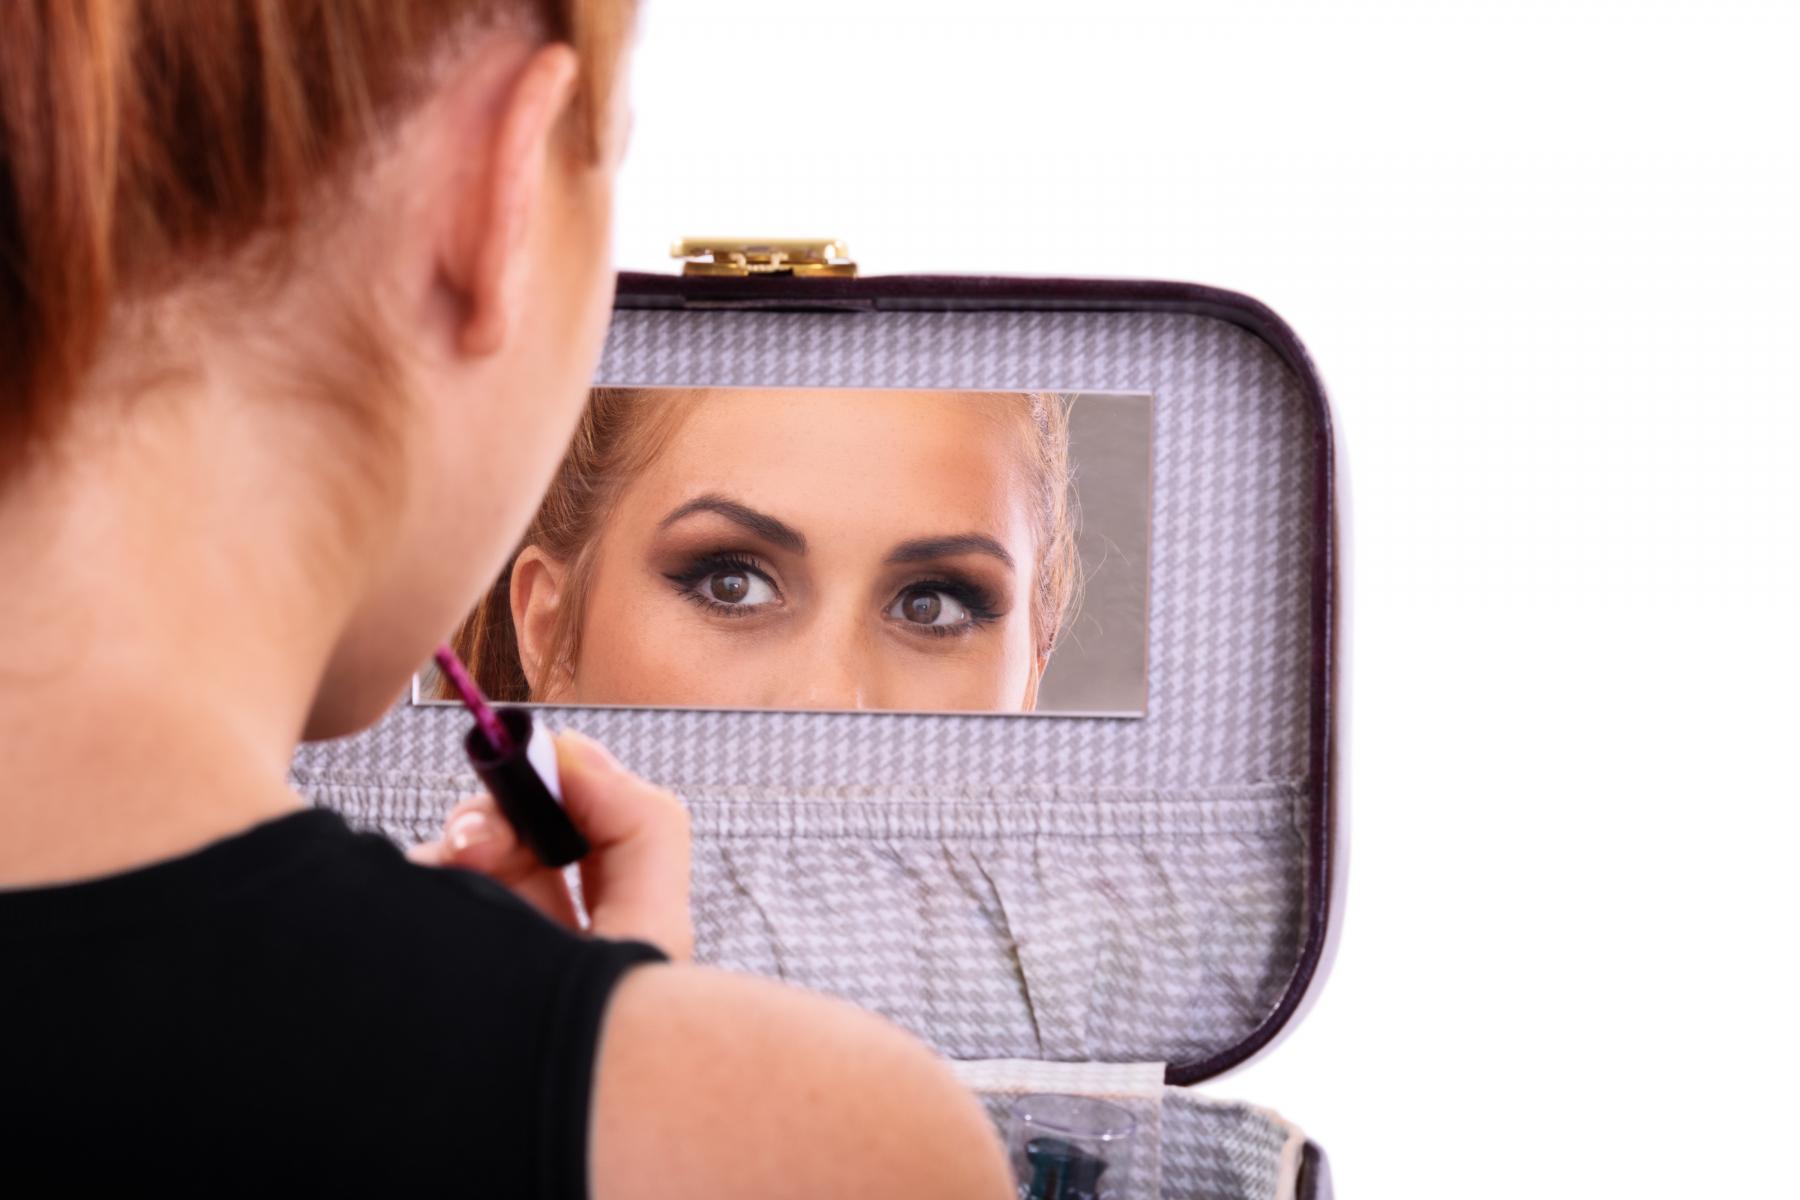 kosmetika tillverkning i sverige